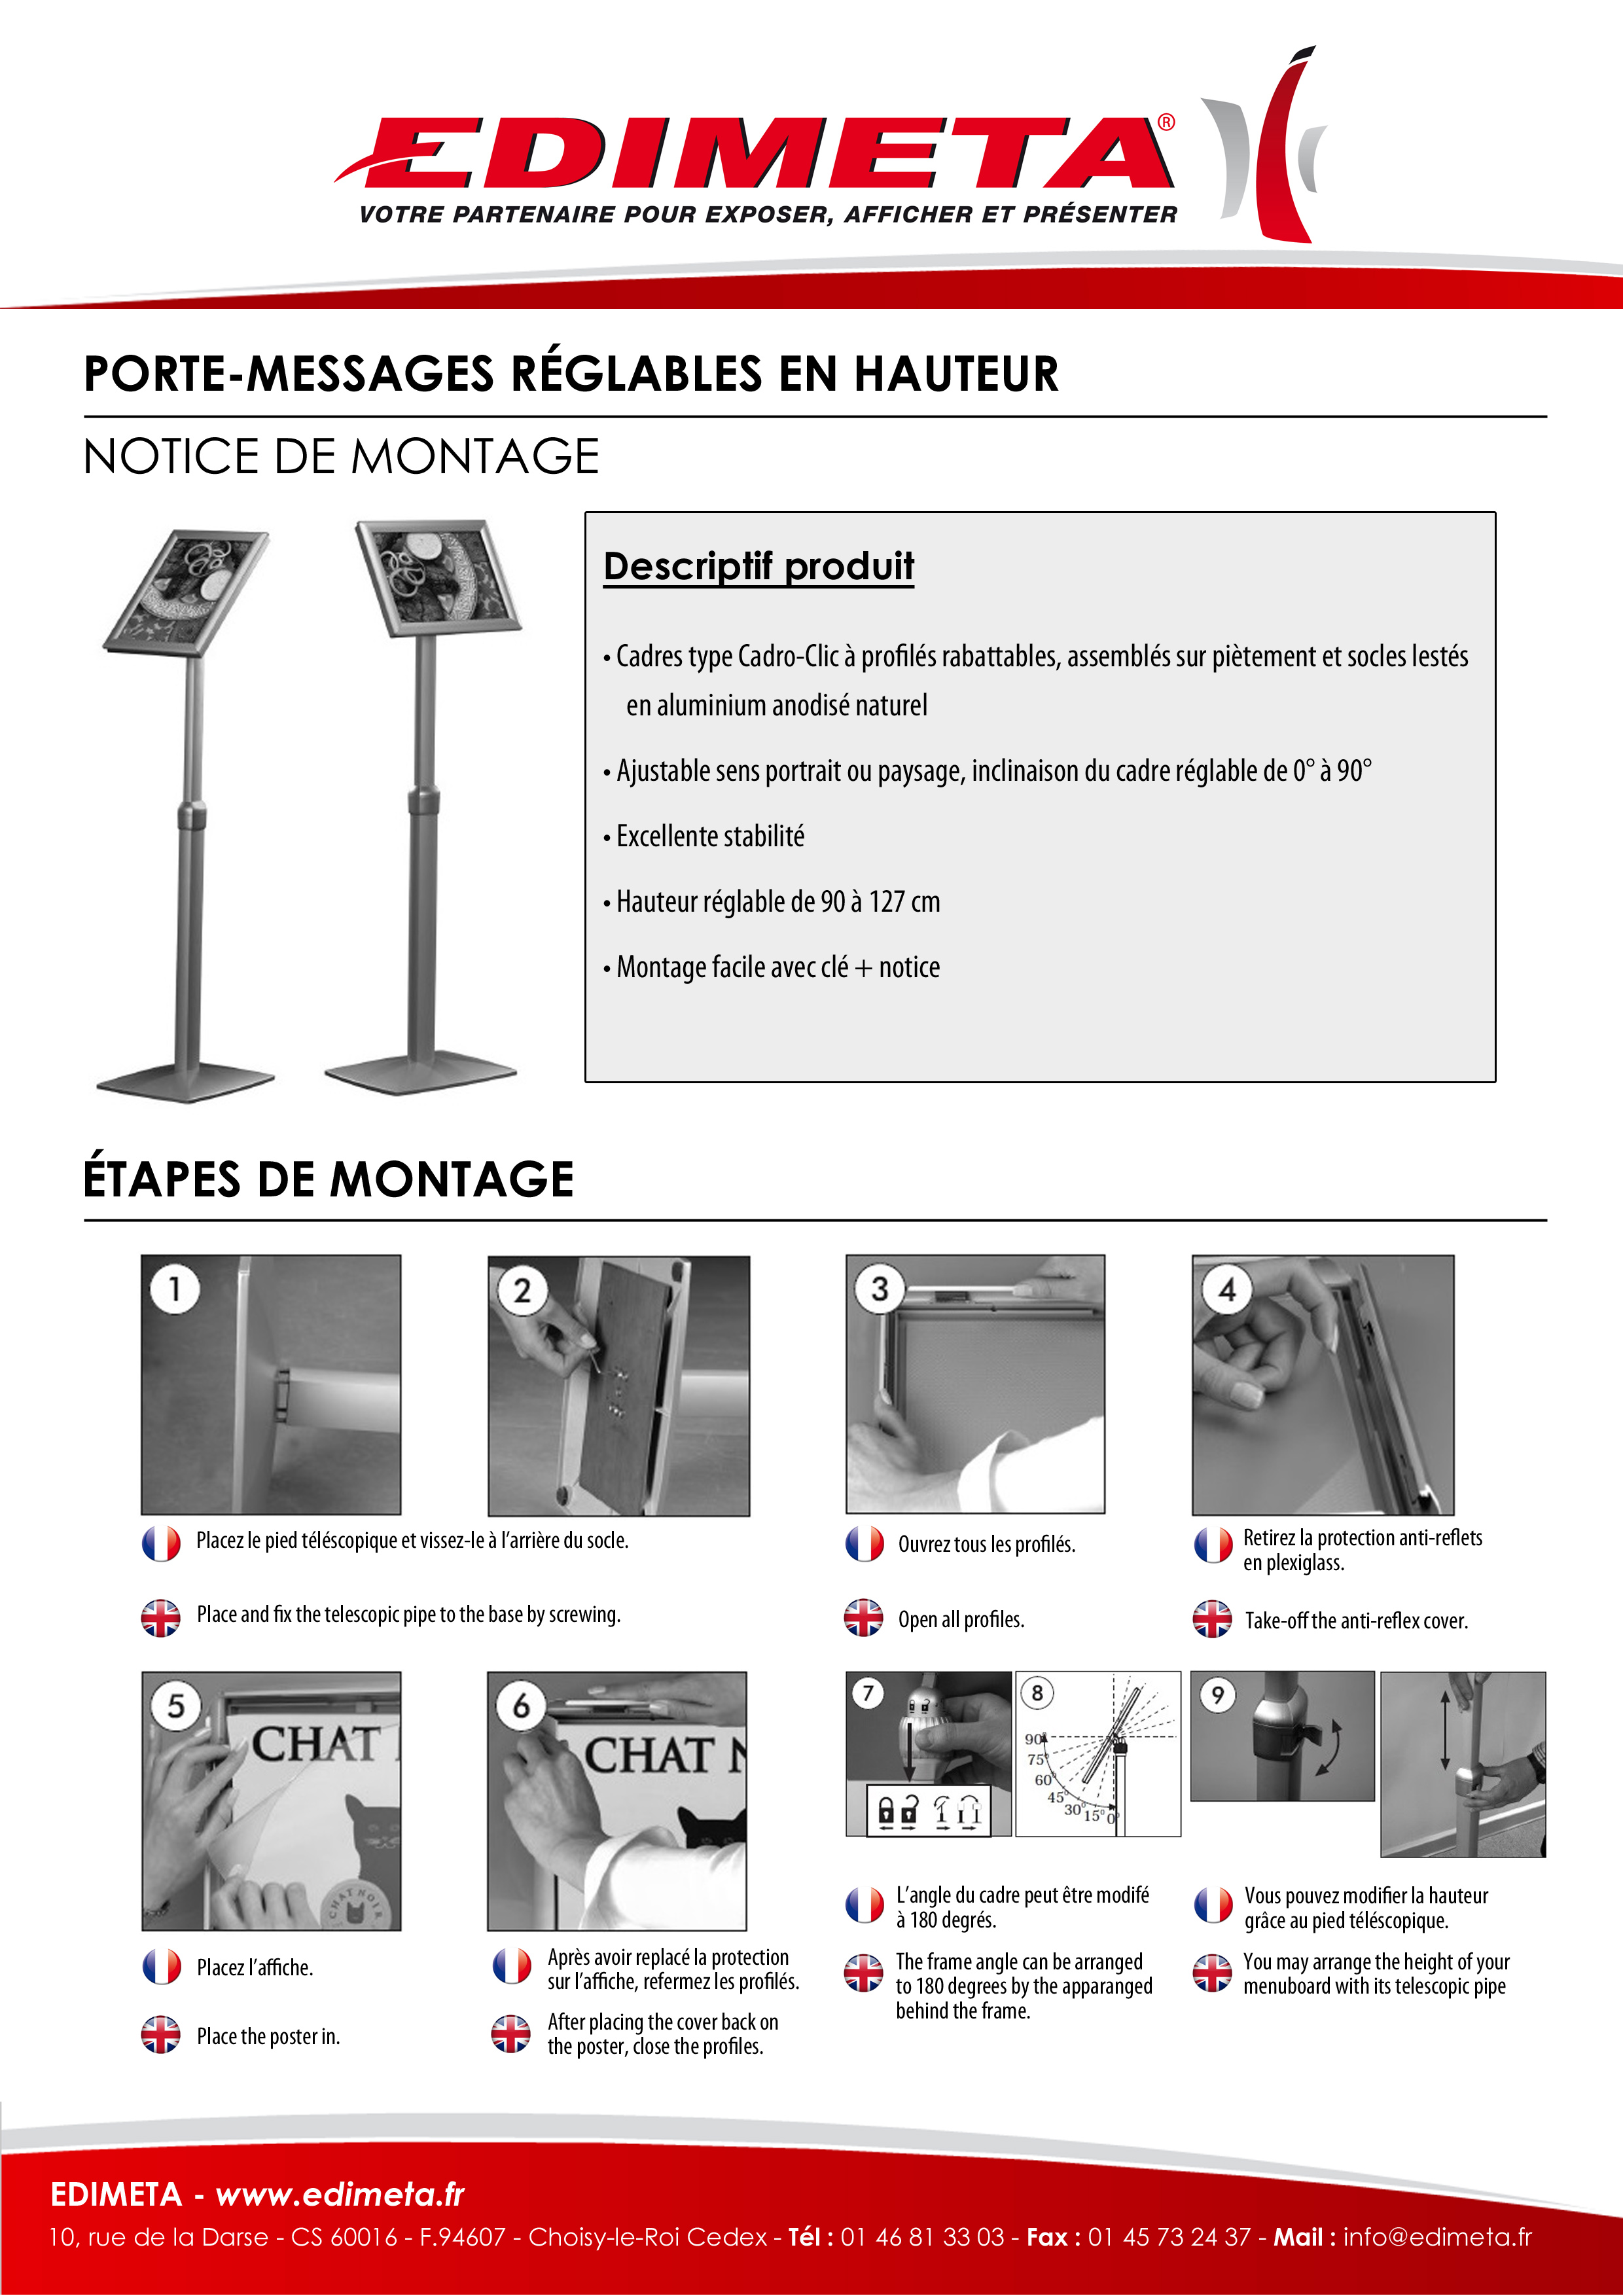 NOTICE DE MONTAGE : PORTE-MESSAGES RÉGLABLES EN HAUTEUR